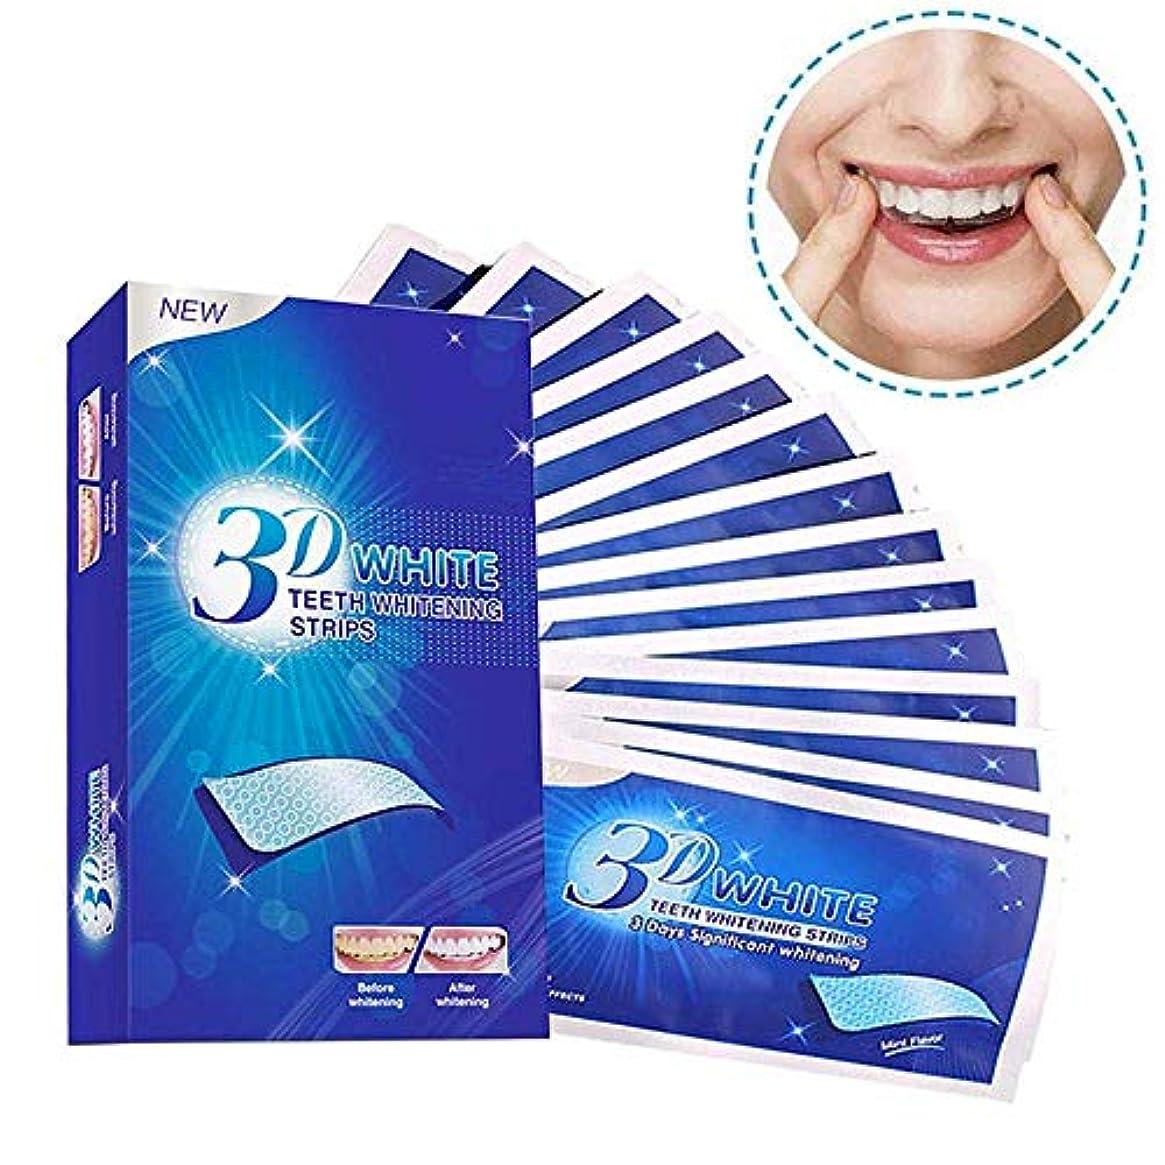 ホバー驚くべき潮歯 美白 ホワイトニング マニキュア 歯ケア 歯のホワイトニング 美白歯磨き 歯を白 ホワイトニングテープ 歯を漂白 7セット/14枚 (7セット/14枚)